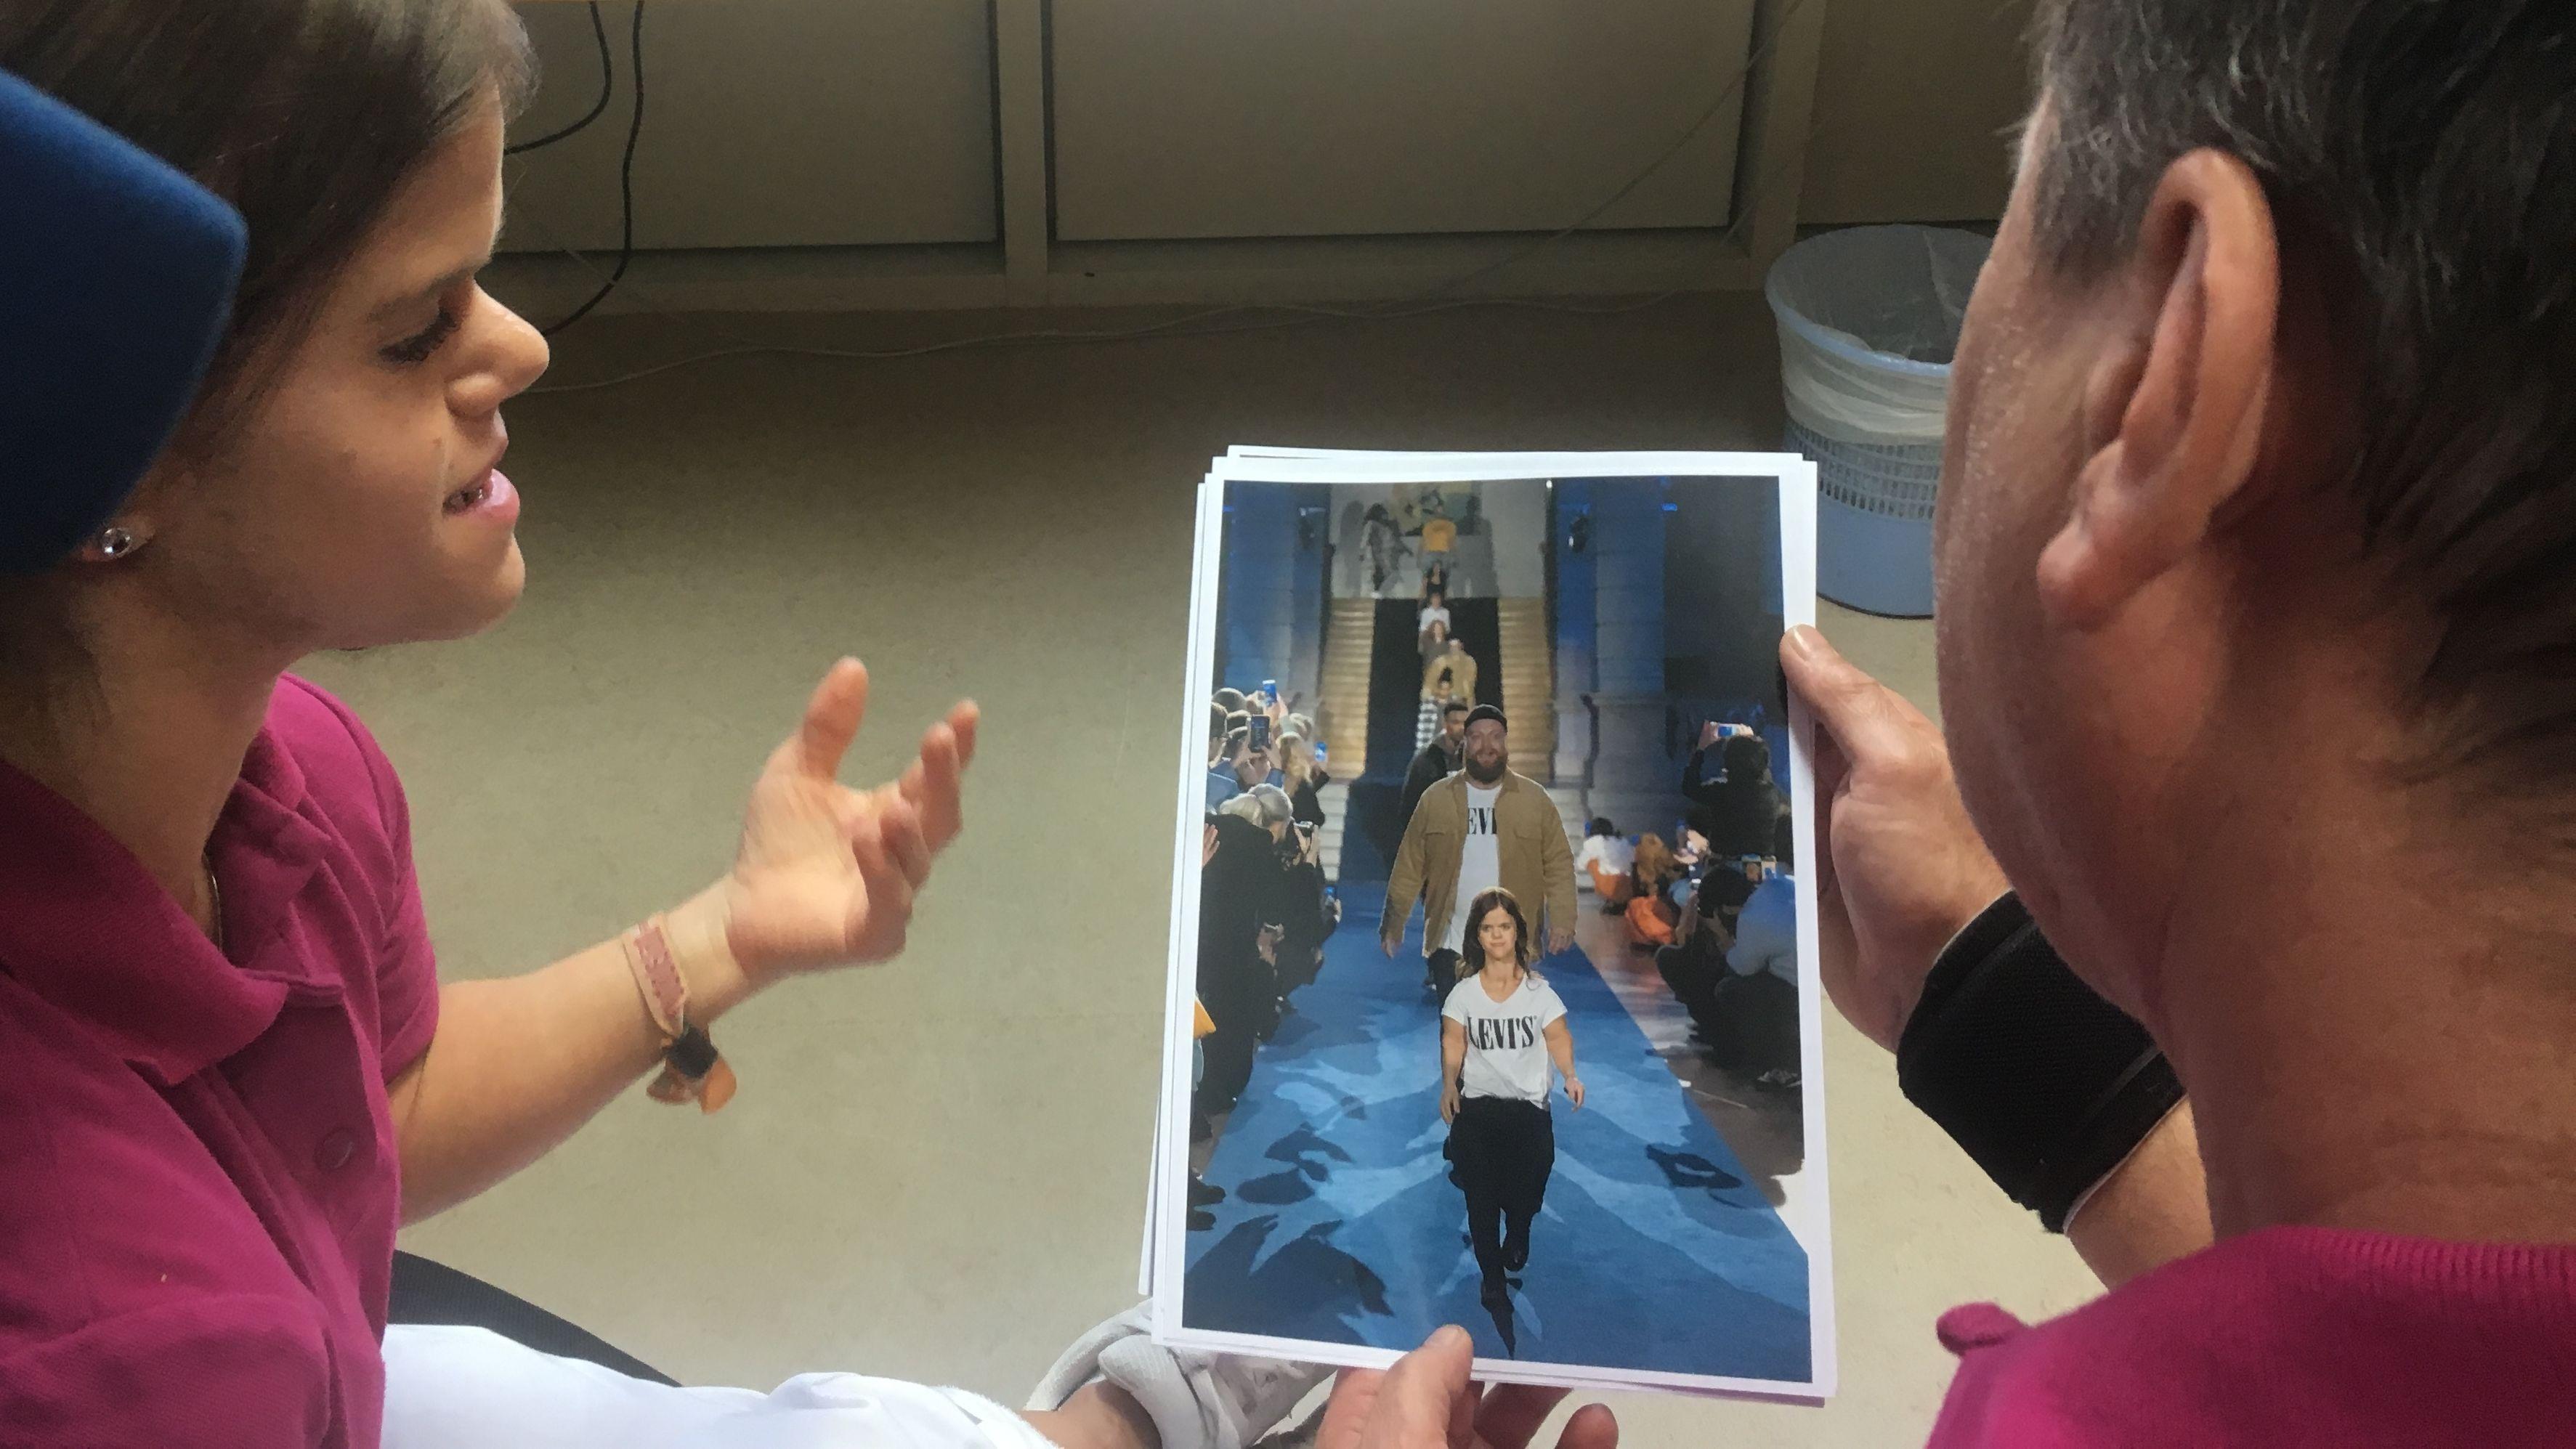 Zwei Menschen betrachten ein Foto, auf dem eine kleinwüchsige Frau als Fotomodell auf einem Laufsteg zu sehen ist.